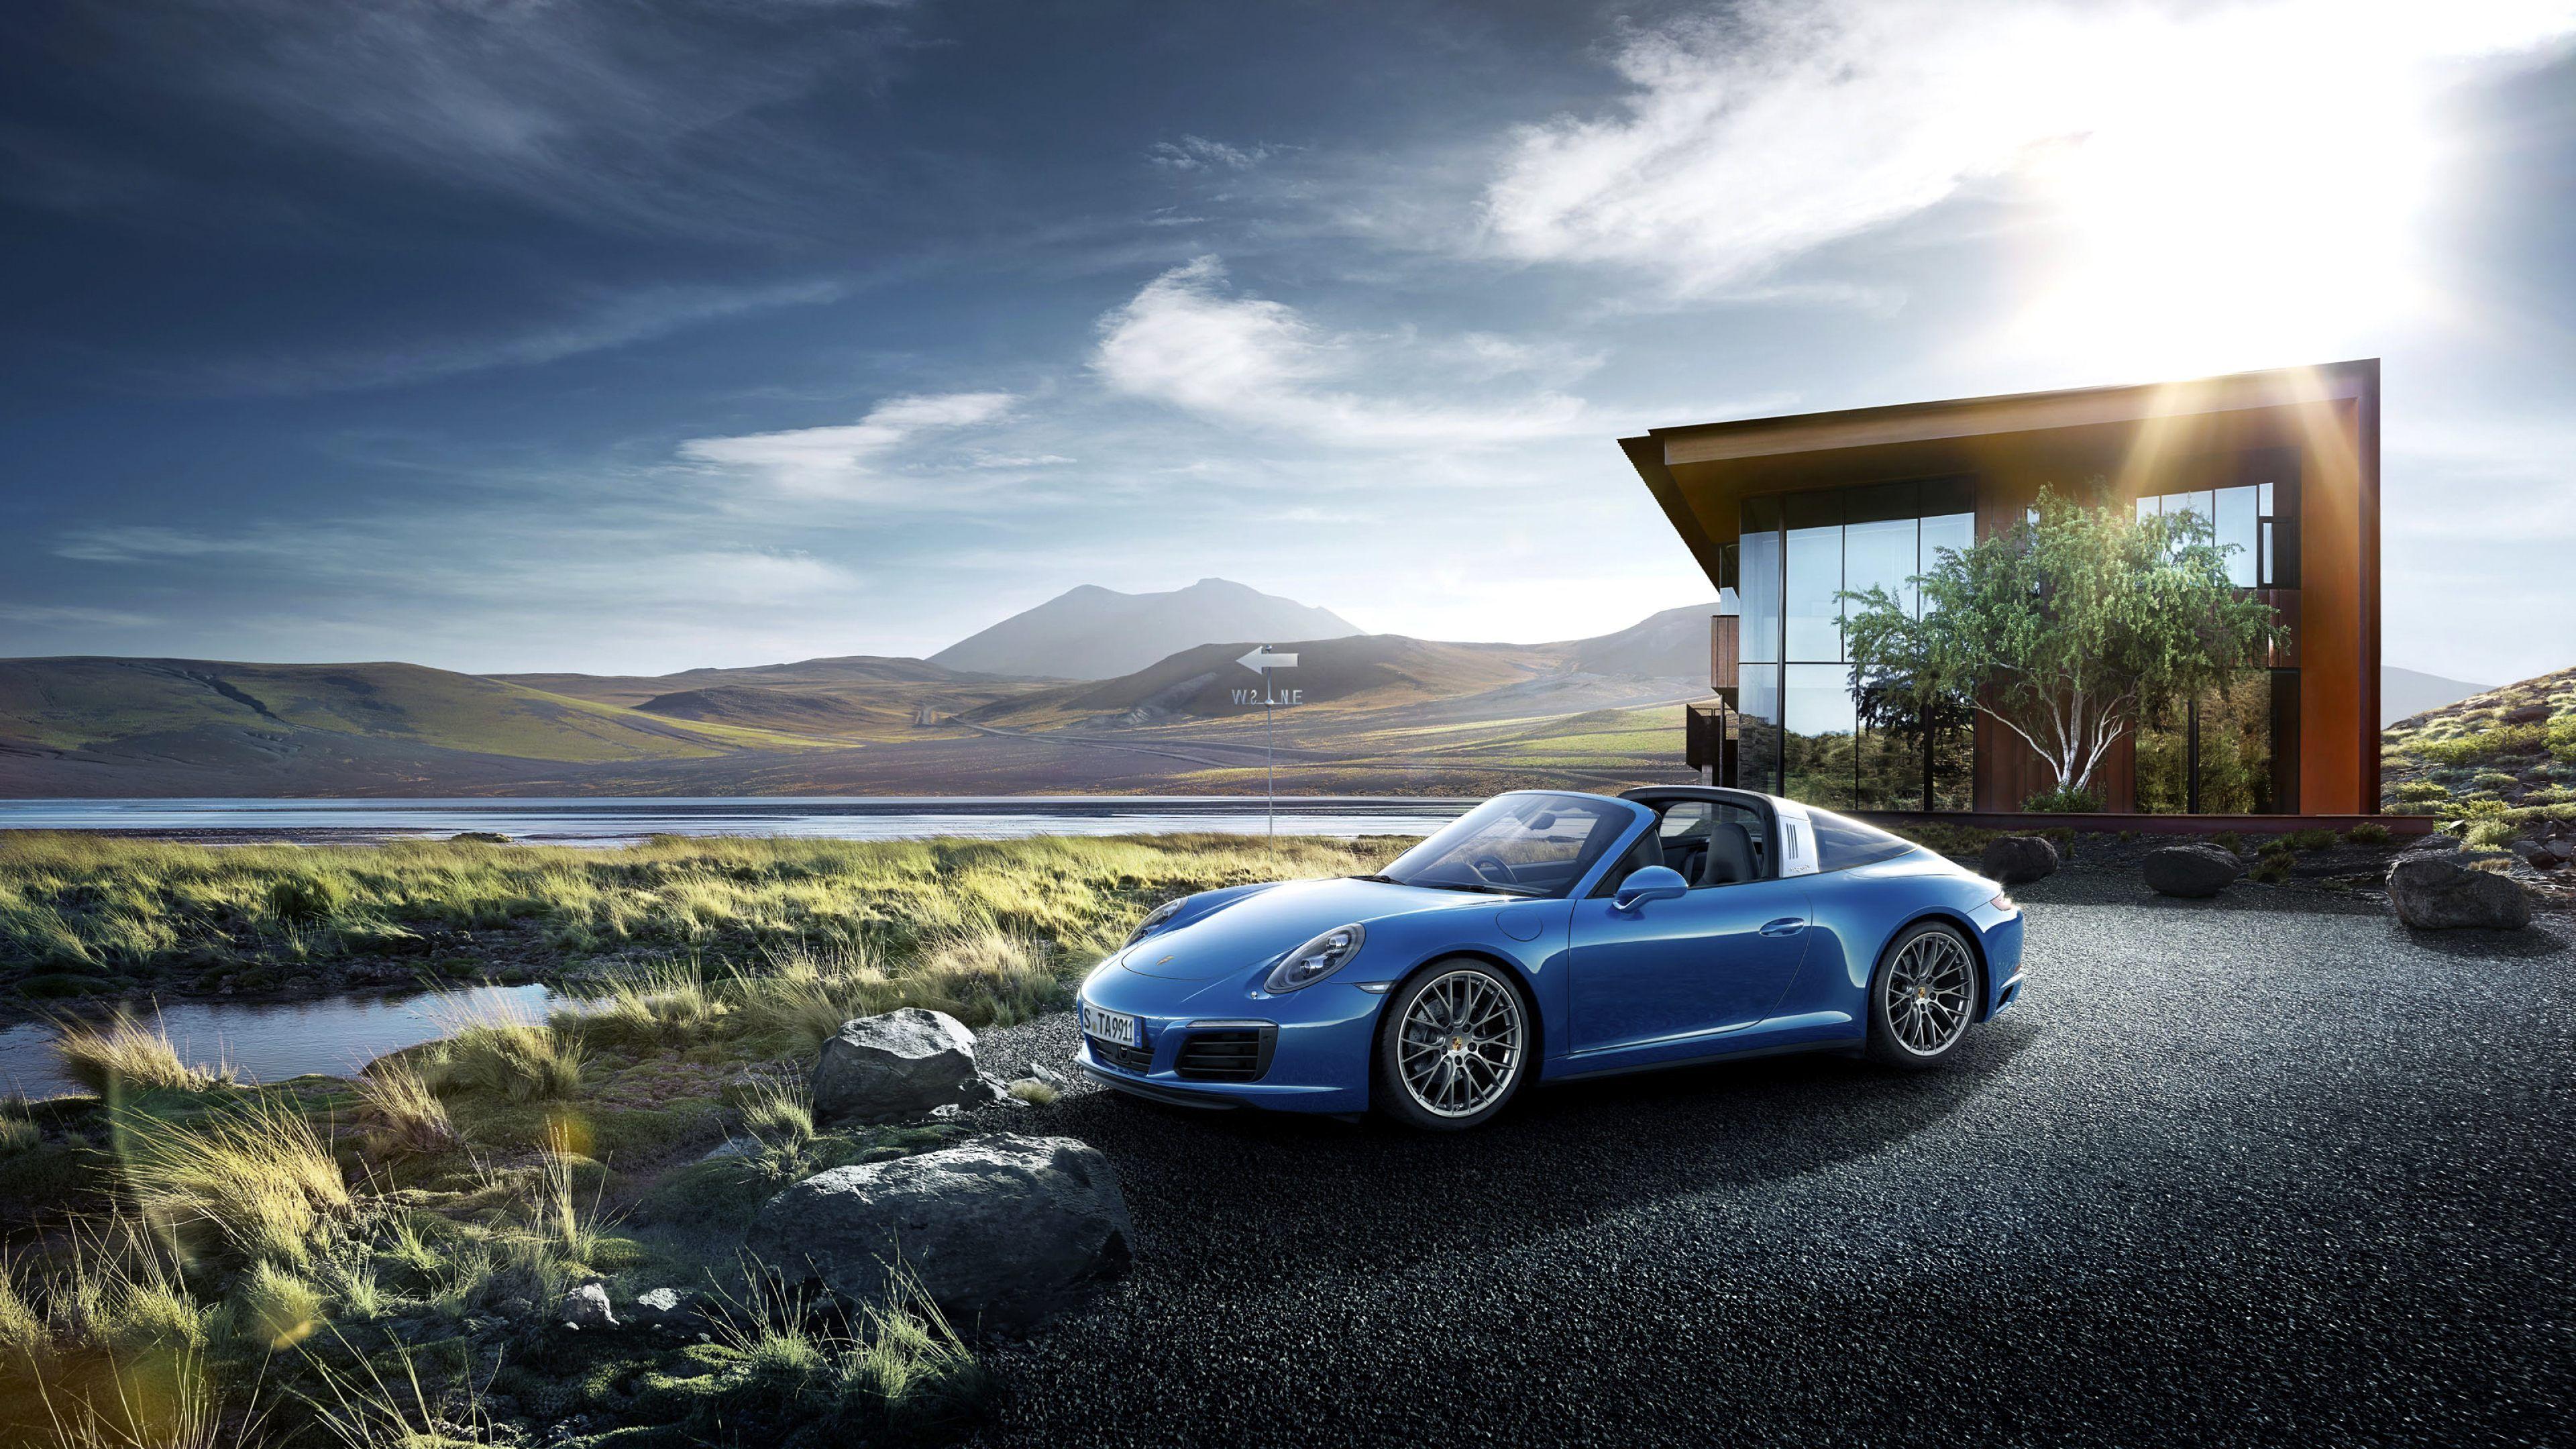 Porsche 918 Spyder Porsche 911 Targa Porsche Porsche 911